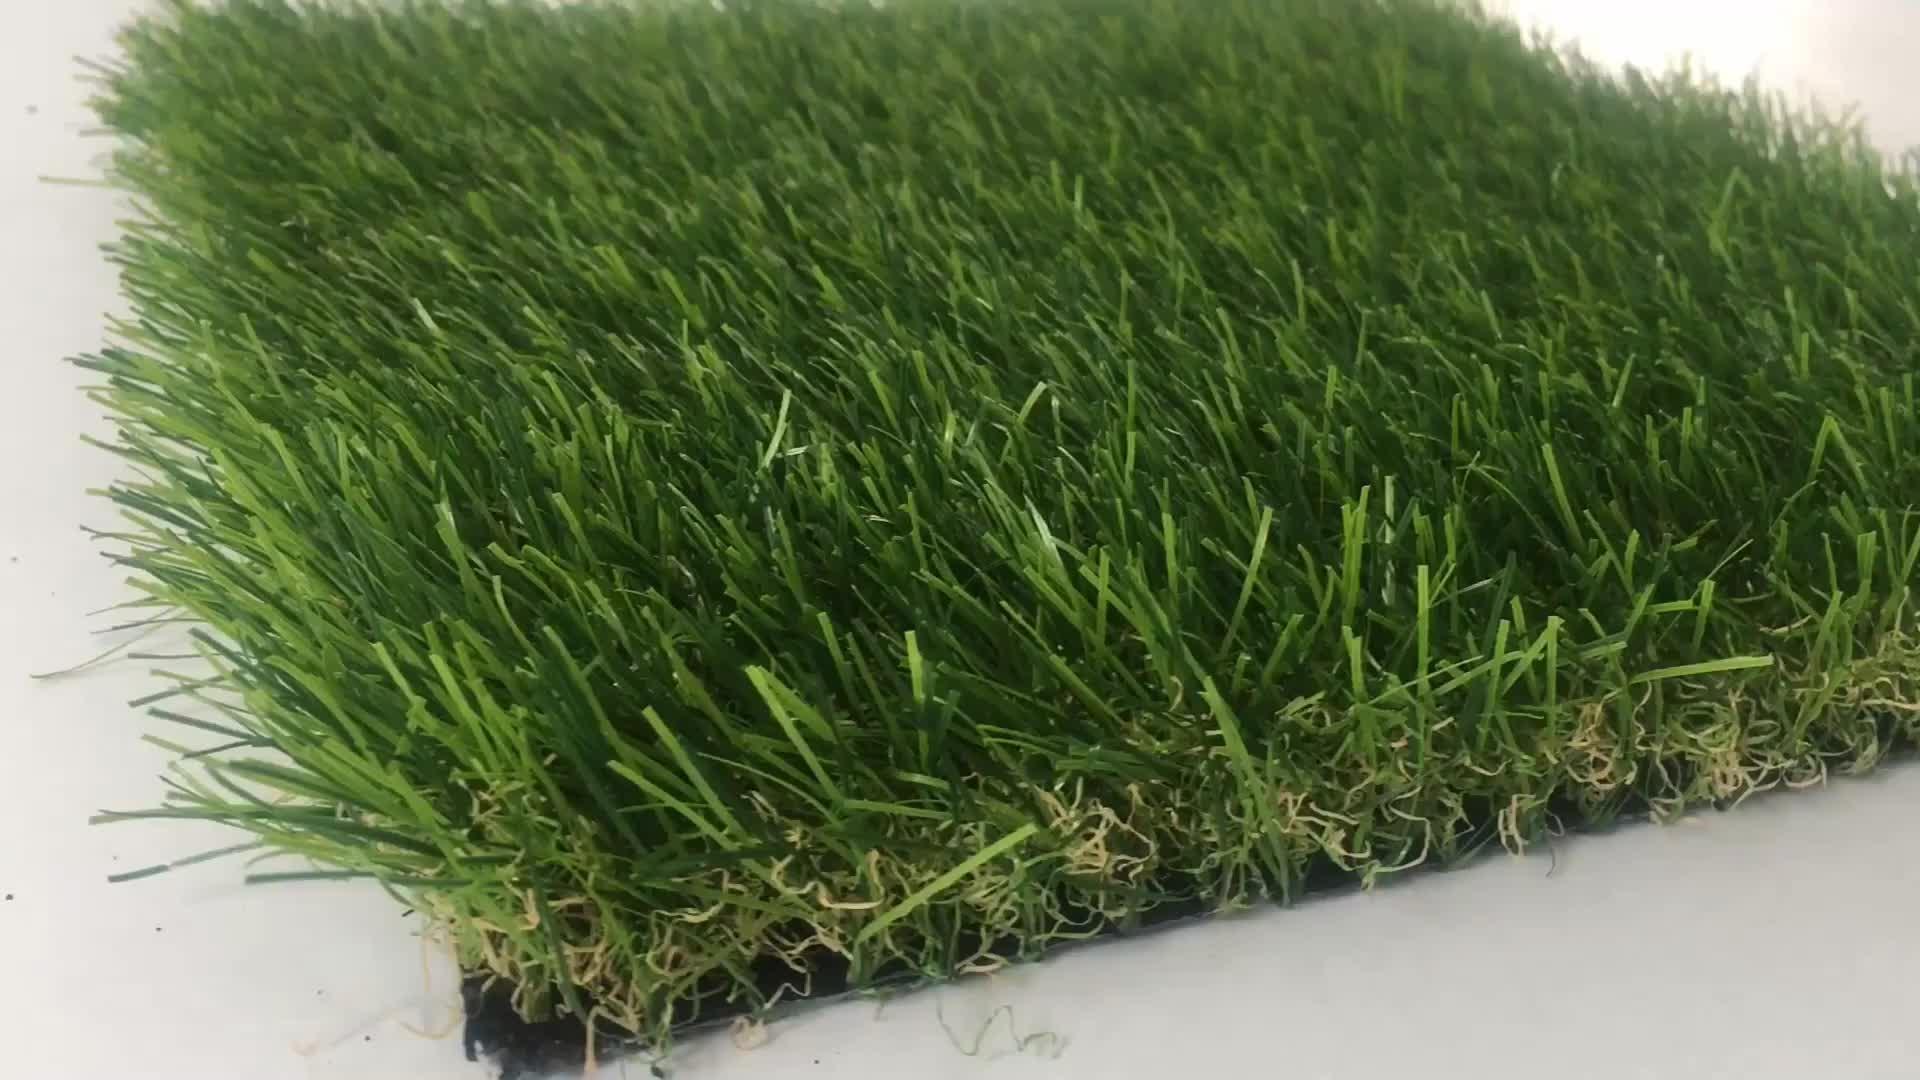 Uso interno ed esterno prato sintetico giardino, i bambini giardino prato, all'aperto tappeto erboso artificiale